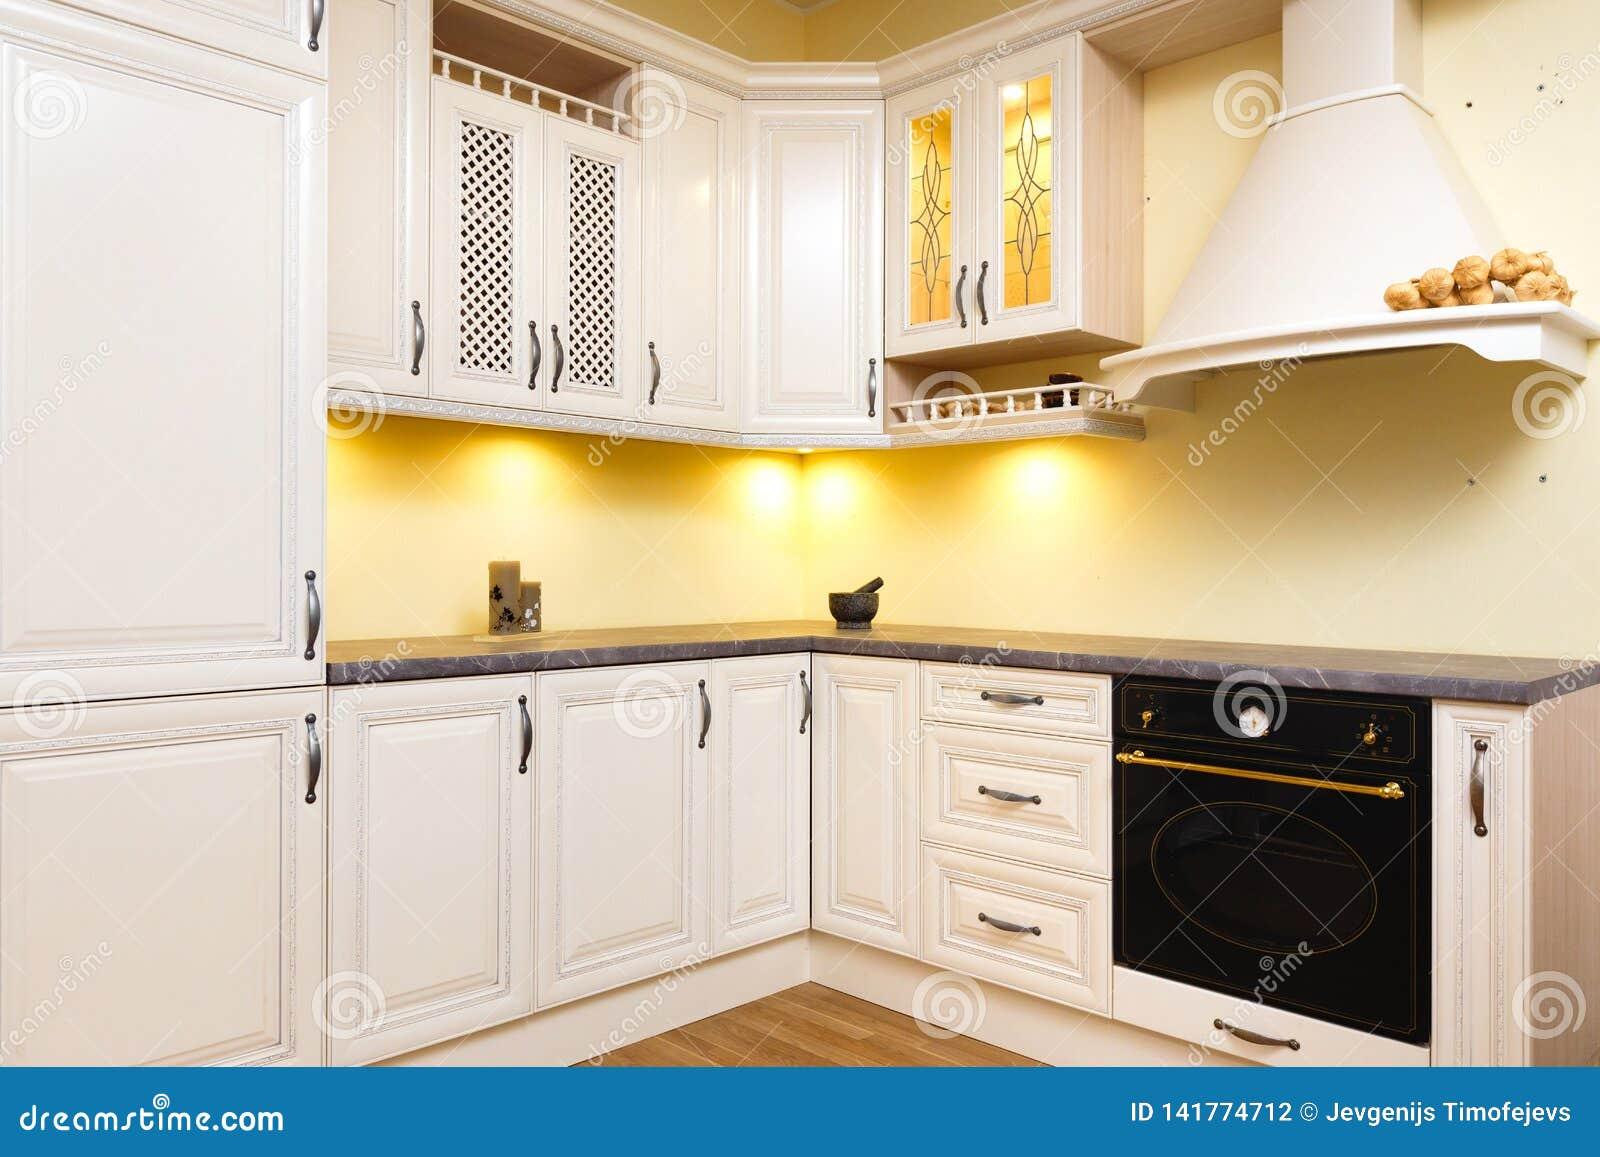 Cucina vuota bianca con mobilia bianca leggera - luci calde e legno piacevolmente decorato